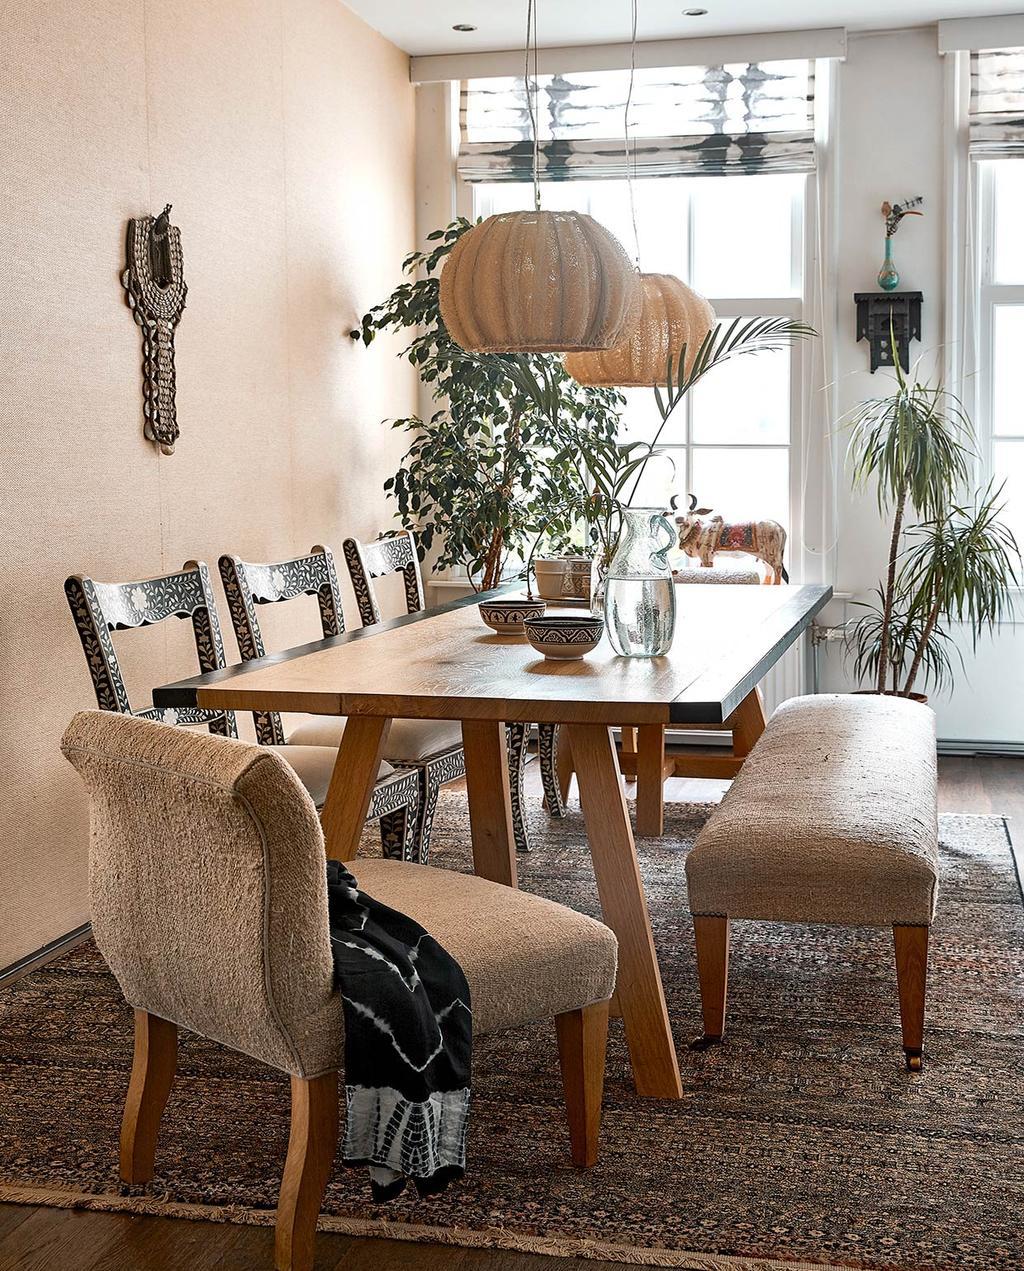 vtwonen 06-2021 | eettafel met stoelen fauteuil en bankje